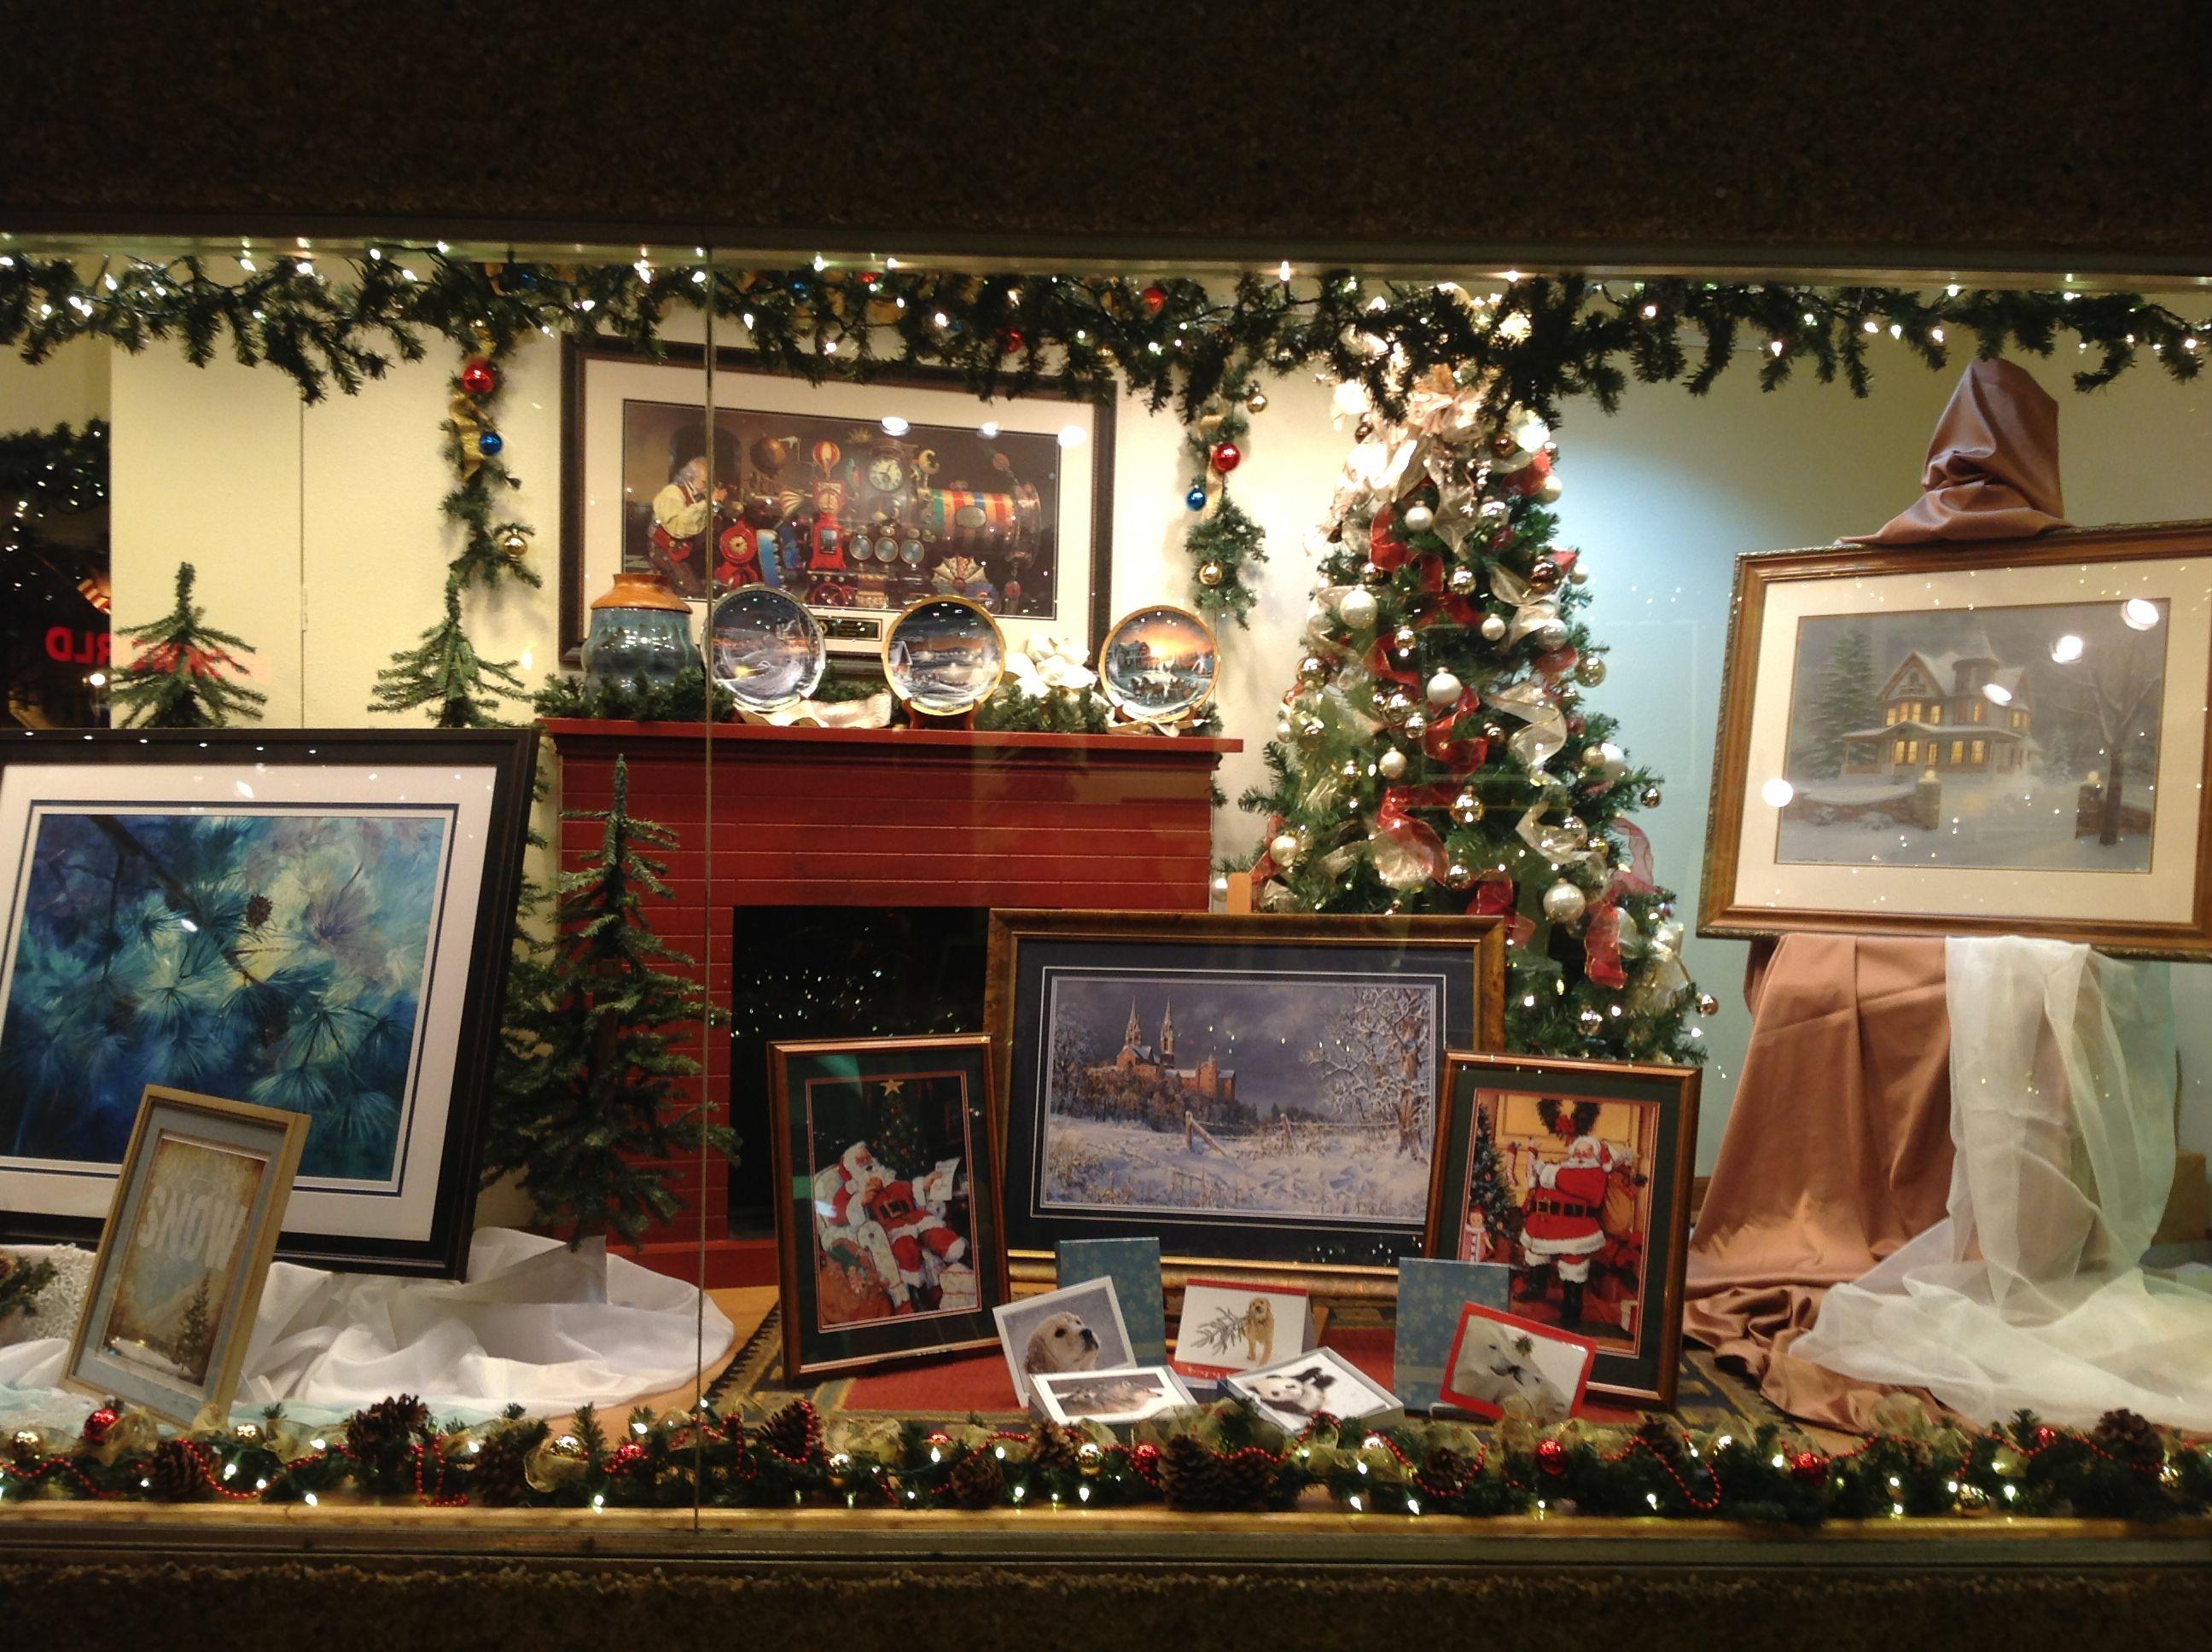 Gallery & Frame Shop window display galleryframe christmas